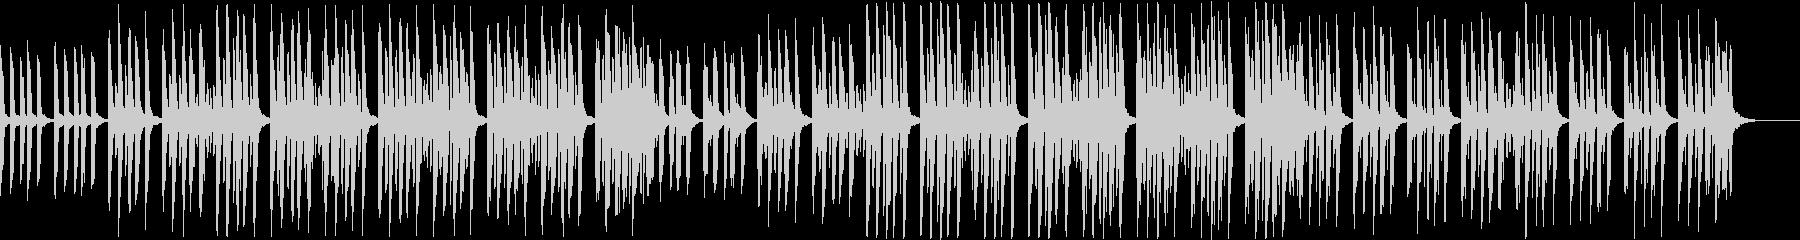 かわいくてセンチメンタルなミニマルソングの未再生の波形